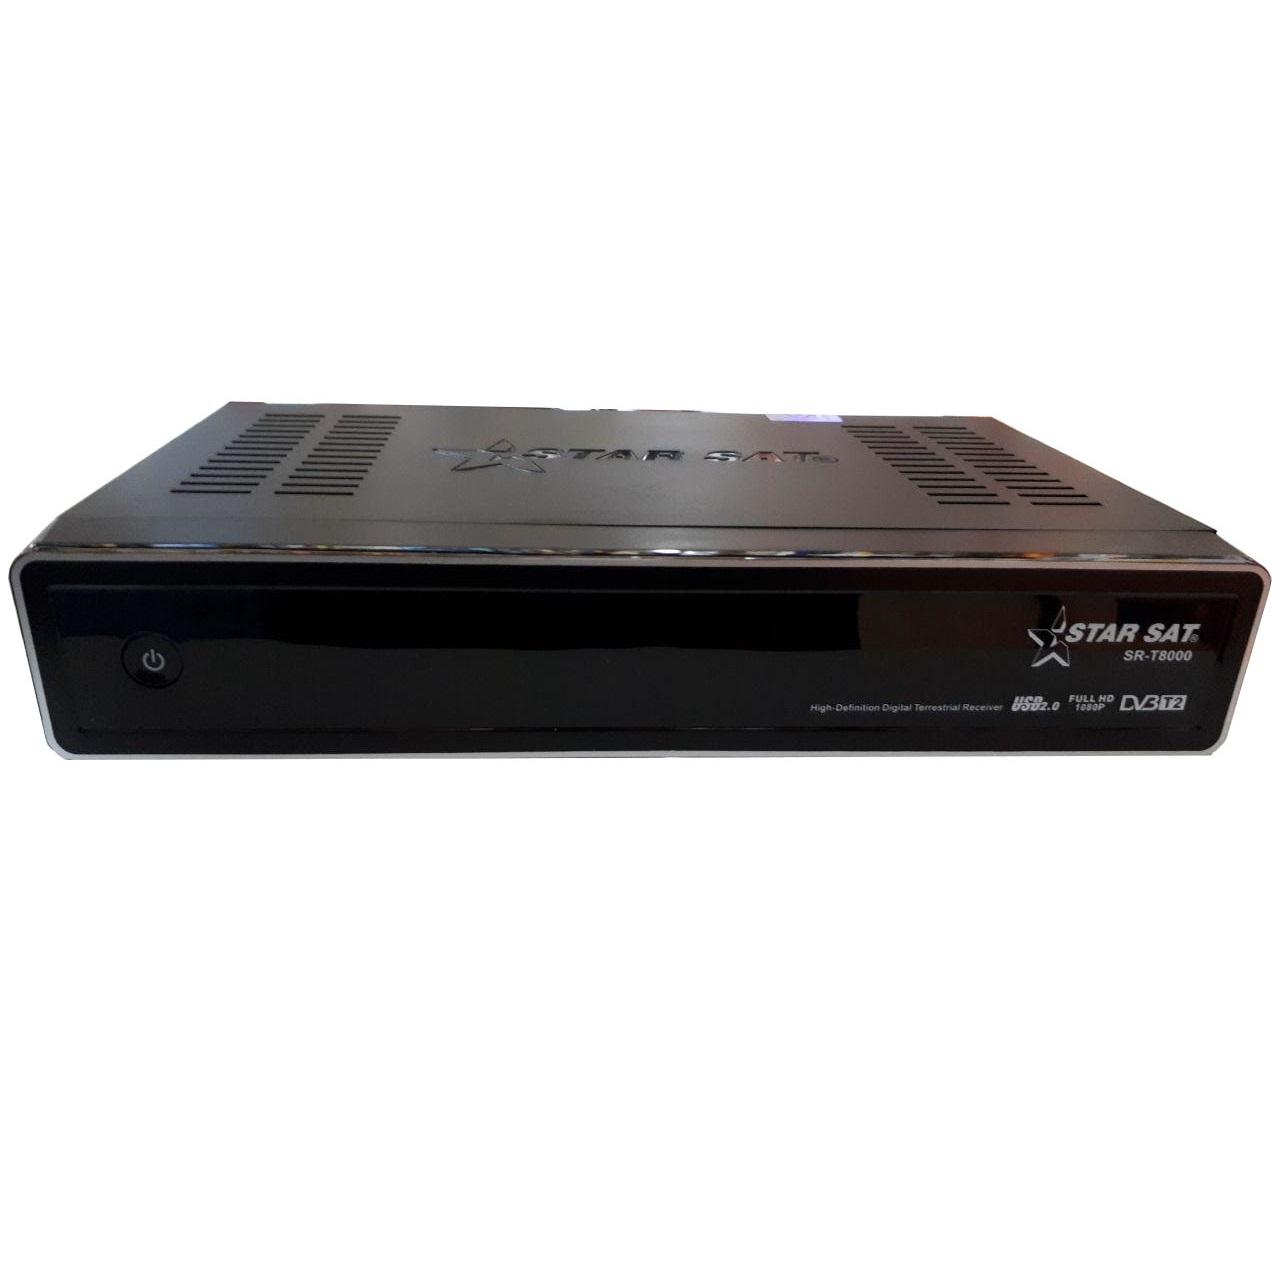 خرید اینترنتی گیرنده دیجیتال استارست مدل SR-T8000 HD T2 اورجینال